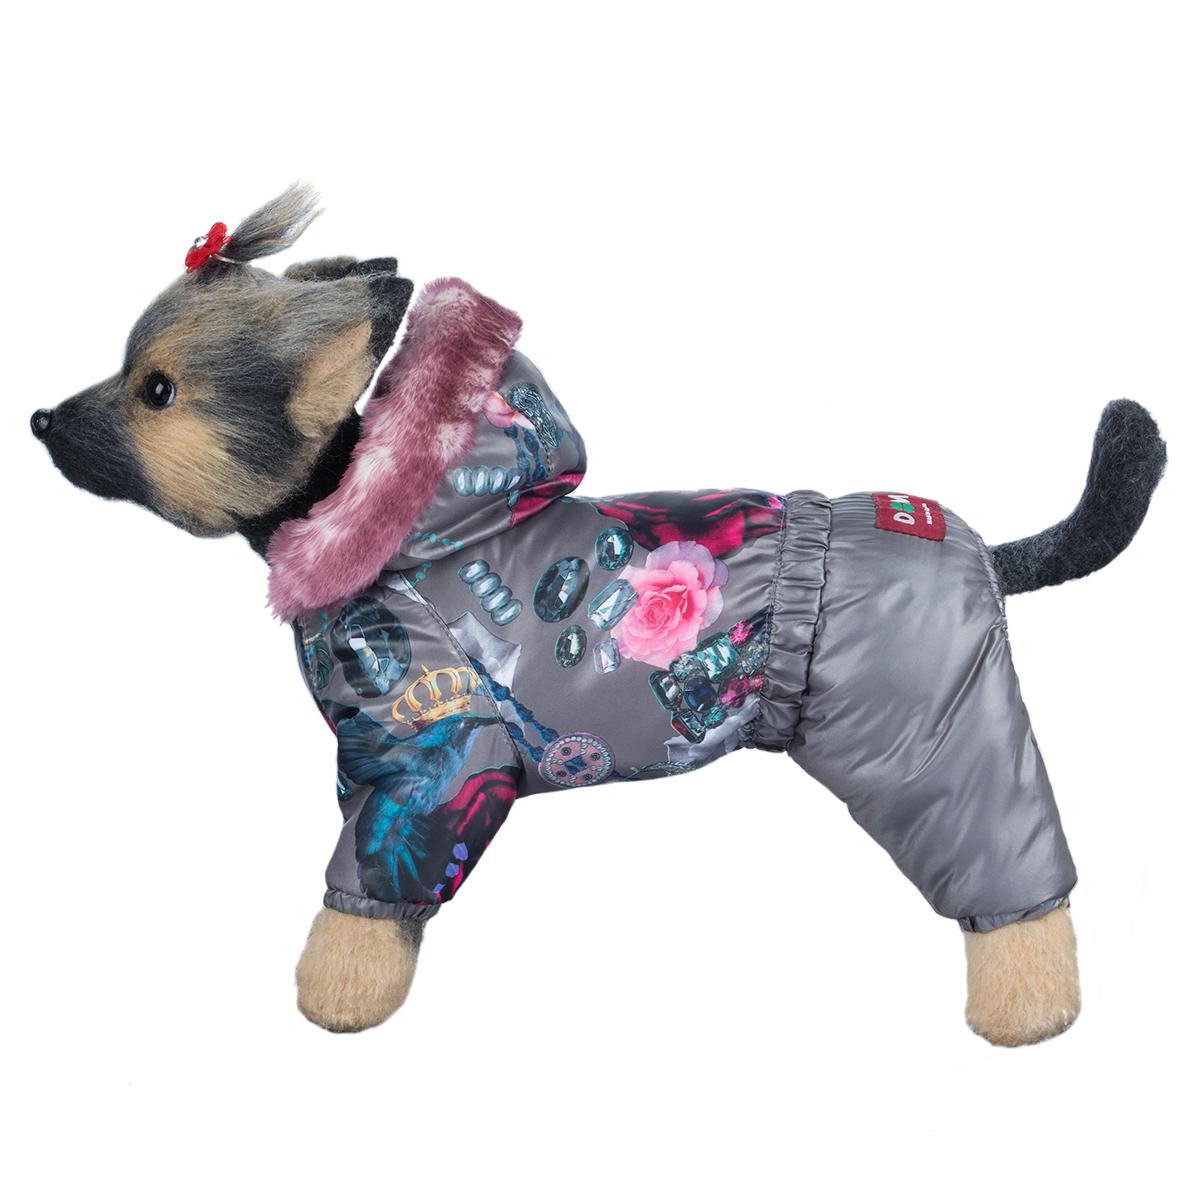 Комбинезон для собак Dogmoda Гламур, для девочки. Размер 4 (XL)DM-160296-4Зимний комбинезон для собак Dogmoda Гламурr предназначен для собачек женского пола отлично подойдет для прогулок в зимнее время года. Комбинезон изготовлен из полиэстера, защищающего от ветра и снега, с утеплителем из синтепона, который сохранит тепло даже в сильные морозы, а на подкладке используется искусственный мех, который обеспечивает отличный воздухообмен. Комбинезон с капюшоном застегивается на кнопки, благодаря чему его легко надевать и снимать. Капюшон украшен искусственным мехом и не отстегивается. Низ рукавов и брючин оснащен внутренними резинками, которые мягко обхватывают лапки, не позволяя просачиваться холодному воздуху. На пояснице комбинезон затягивается на шнурок-кулиску. Благодаря такому комбинезону простуда не грозит вашему питомцу.